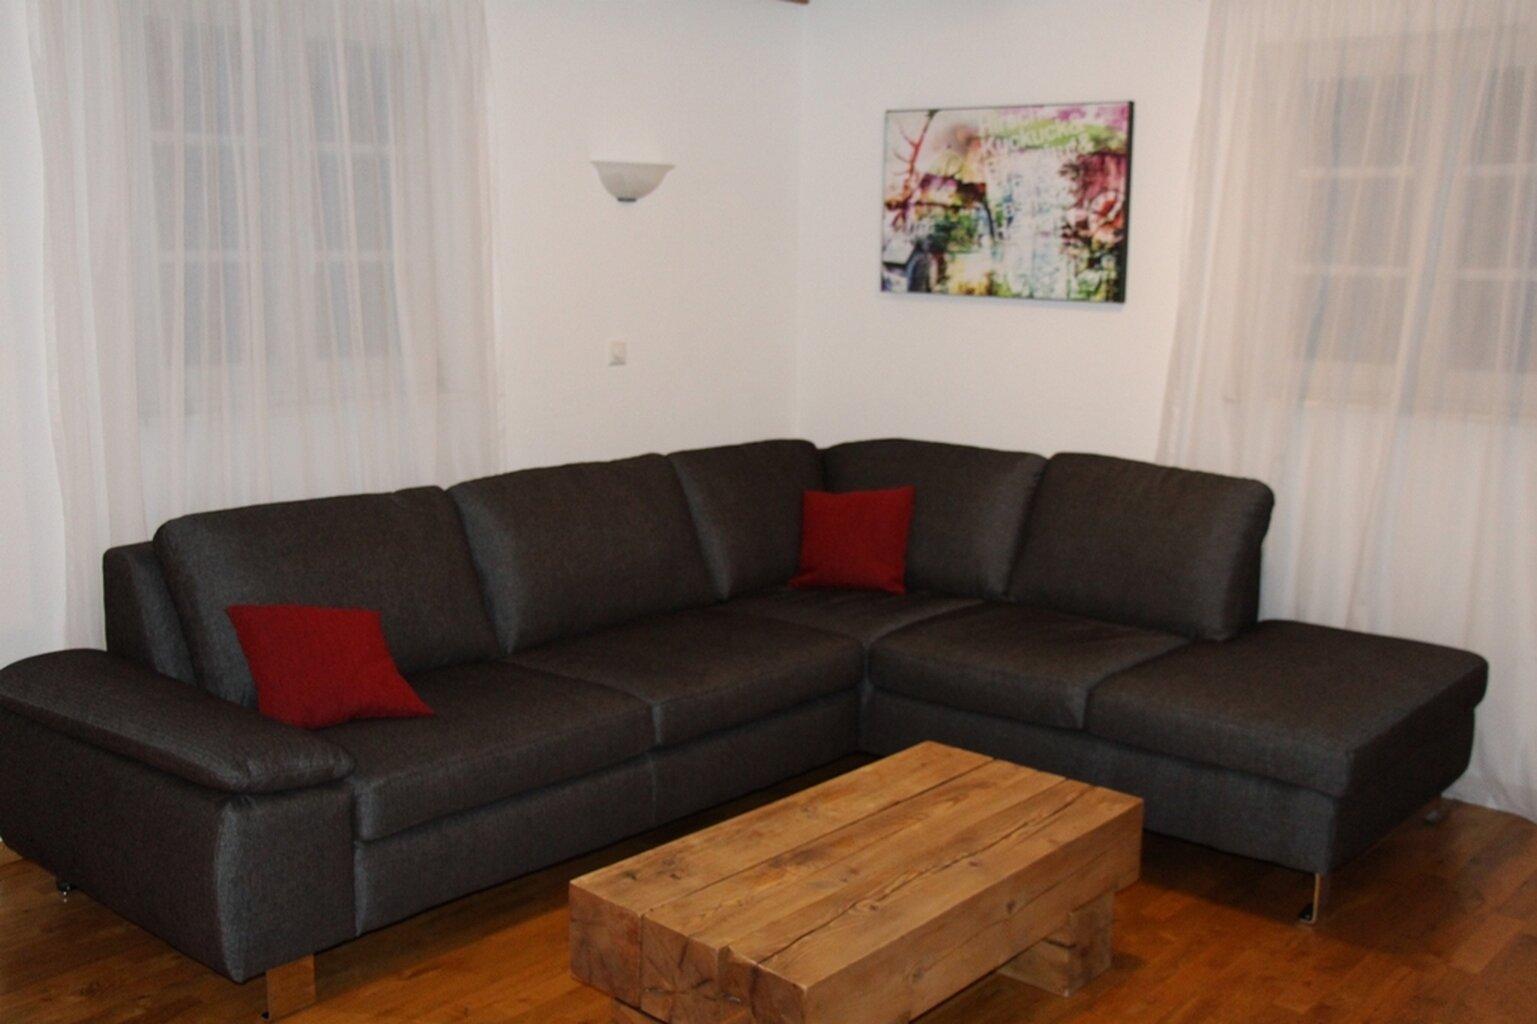 Wohnzimmer-Esszimmer - Wohnbereich